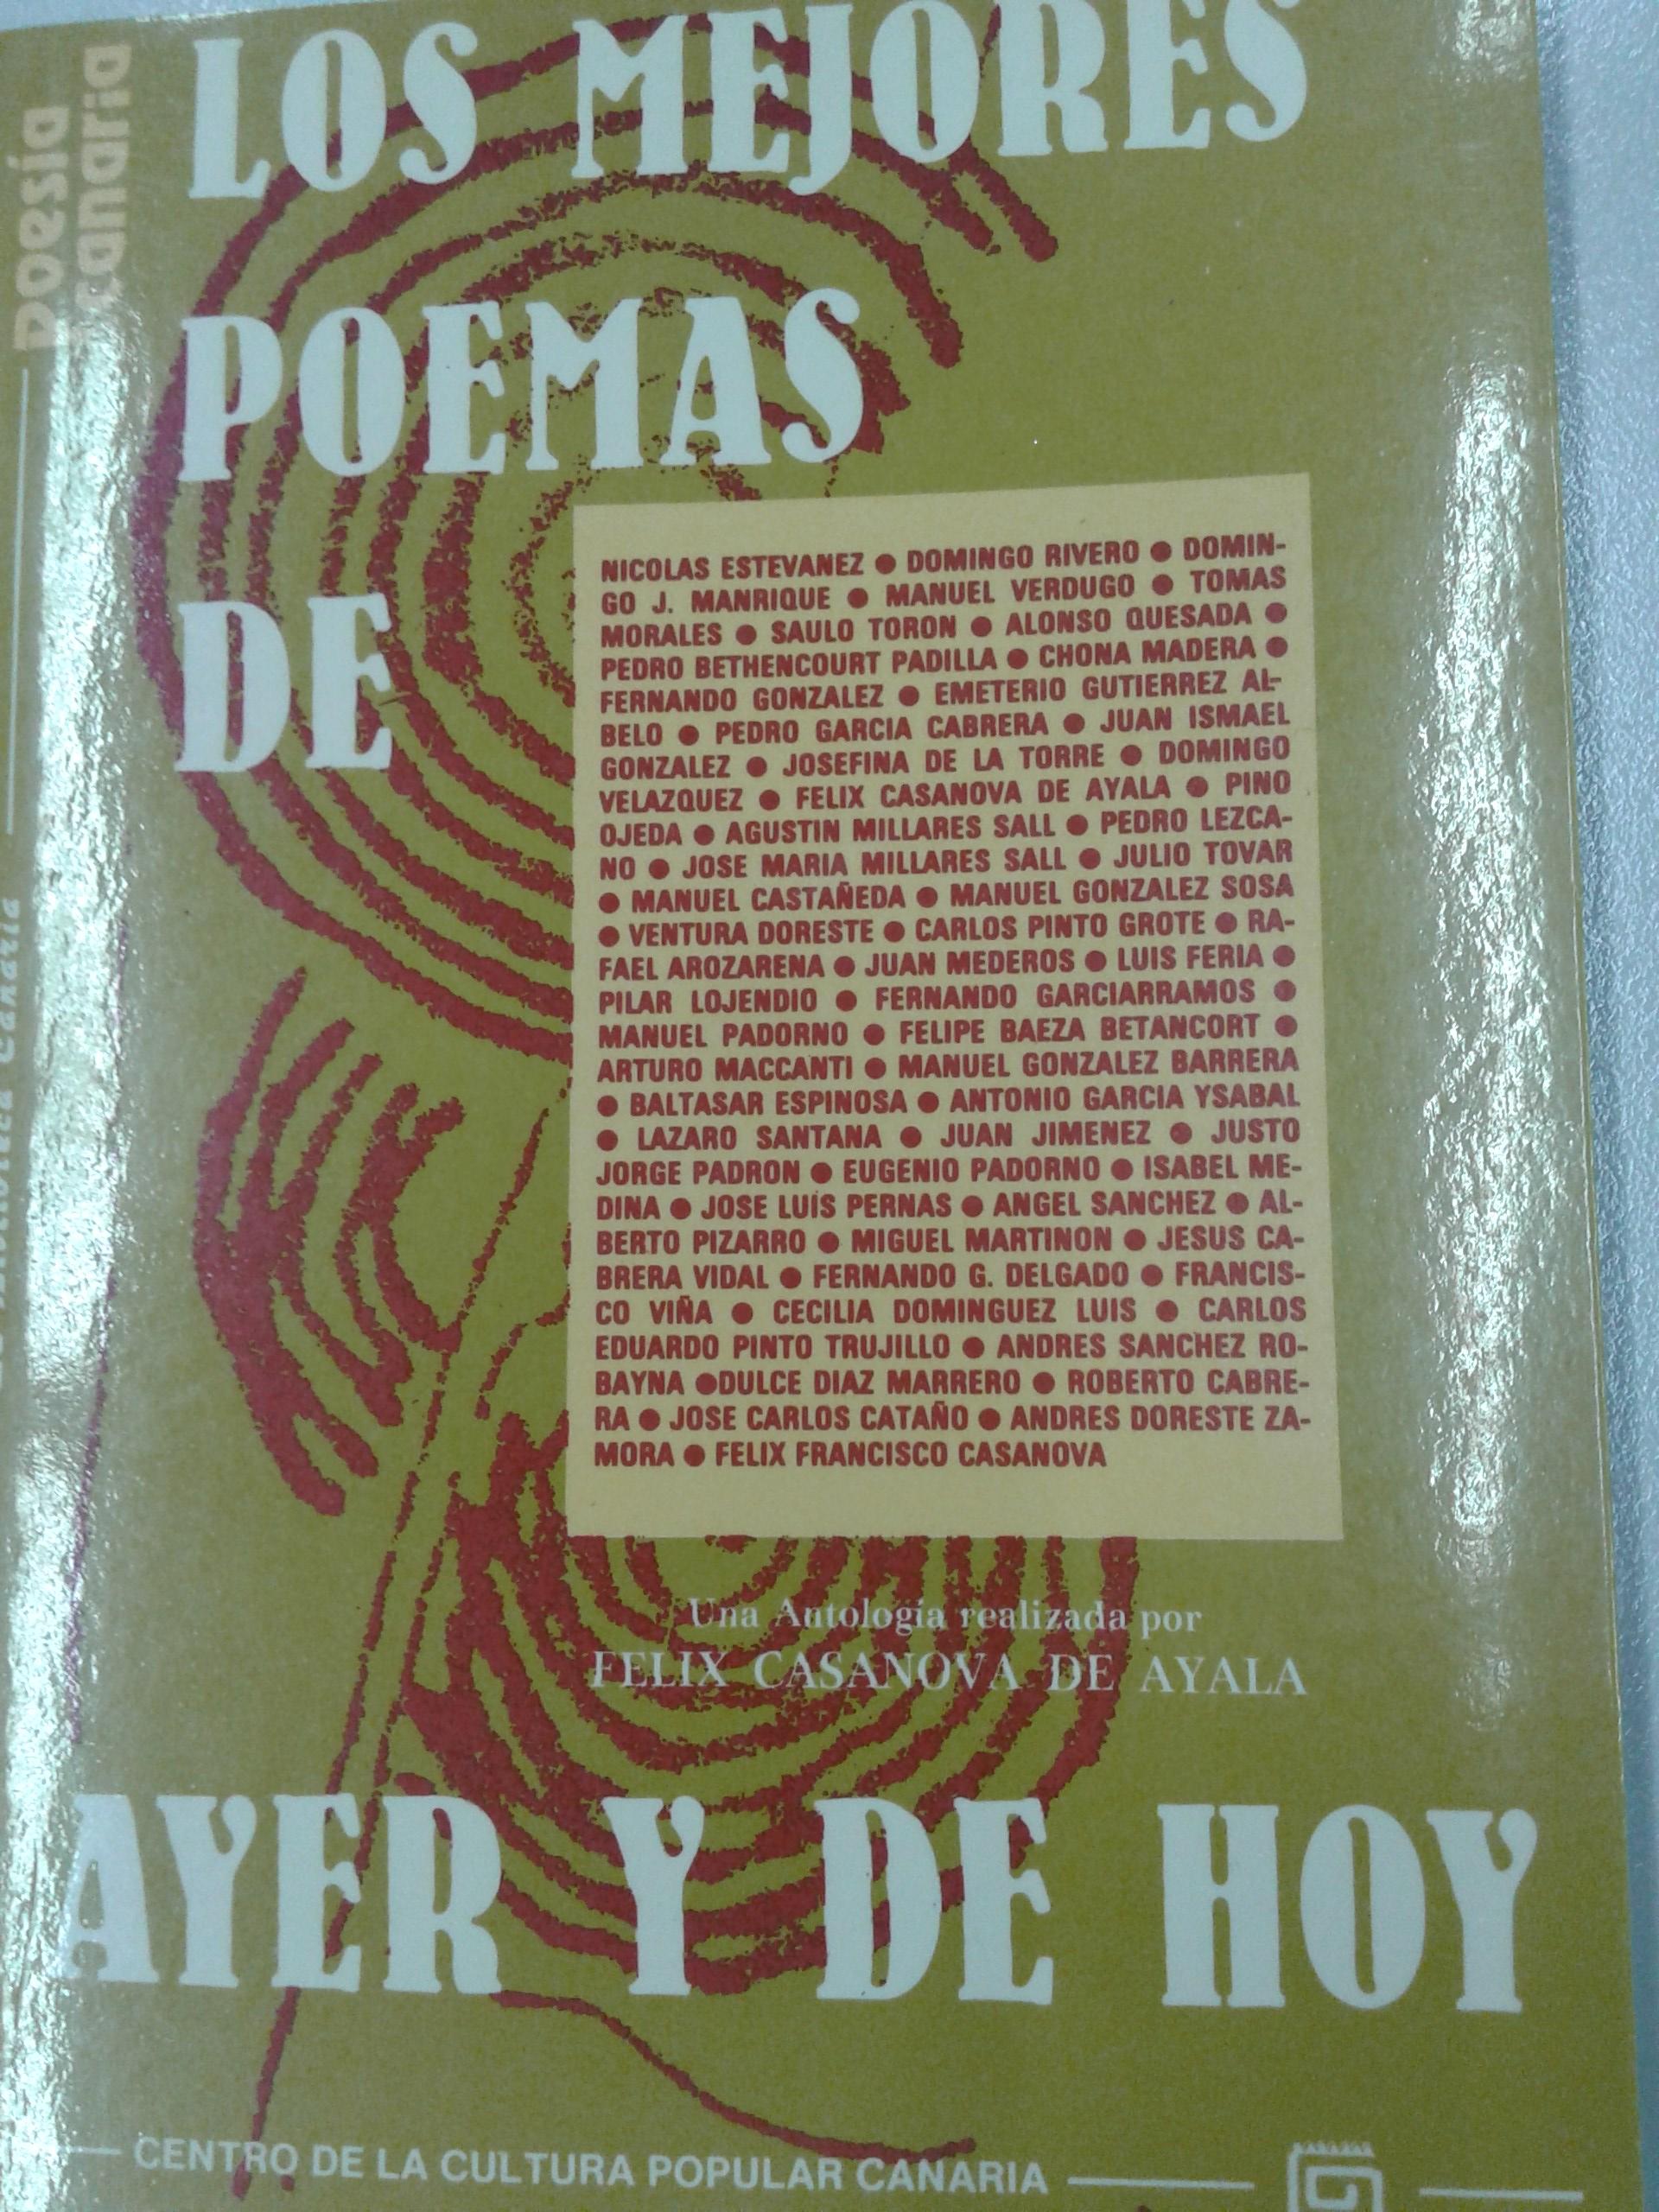 Te Recomendamos Los Mejores Poemas De Ayer Y De Hoy Poesía